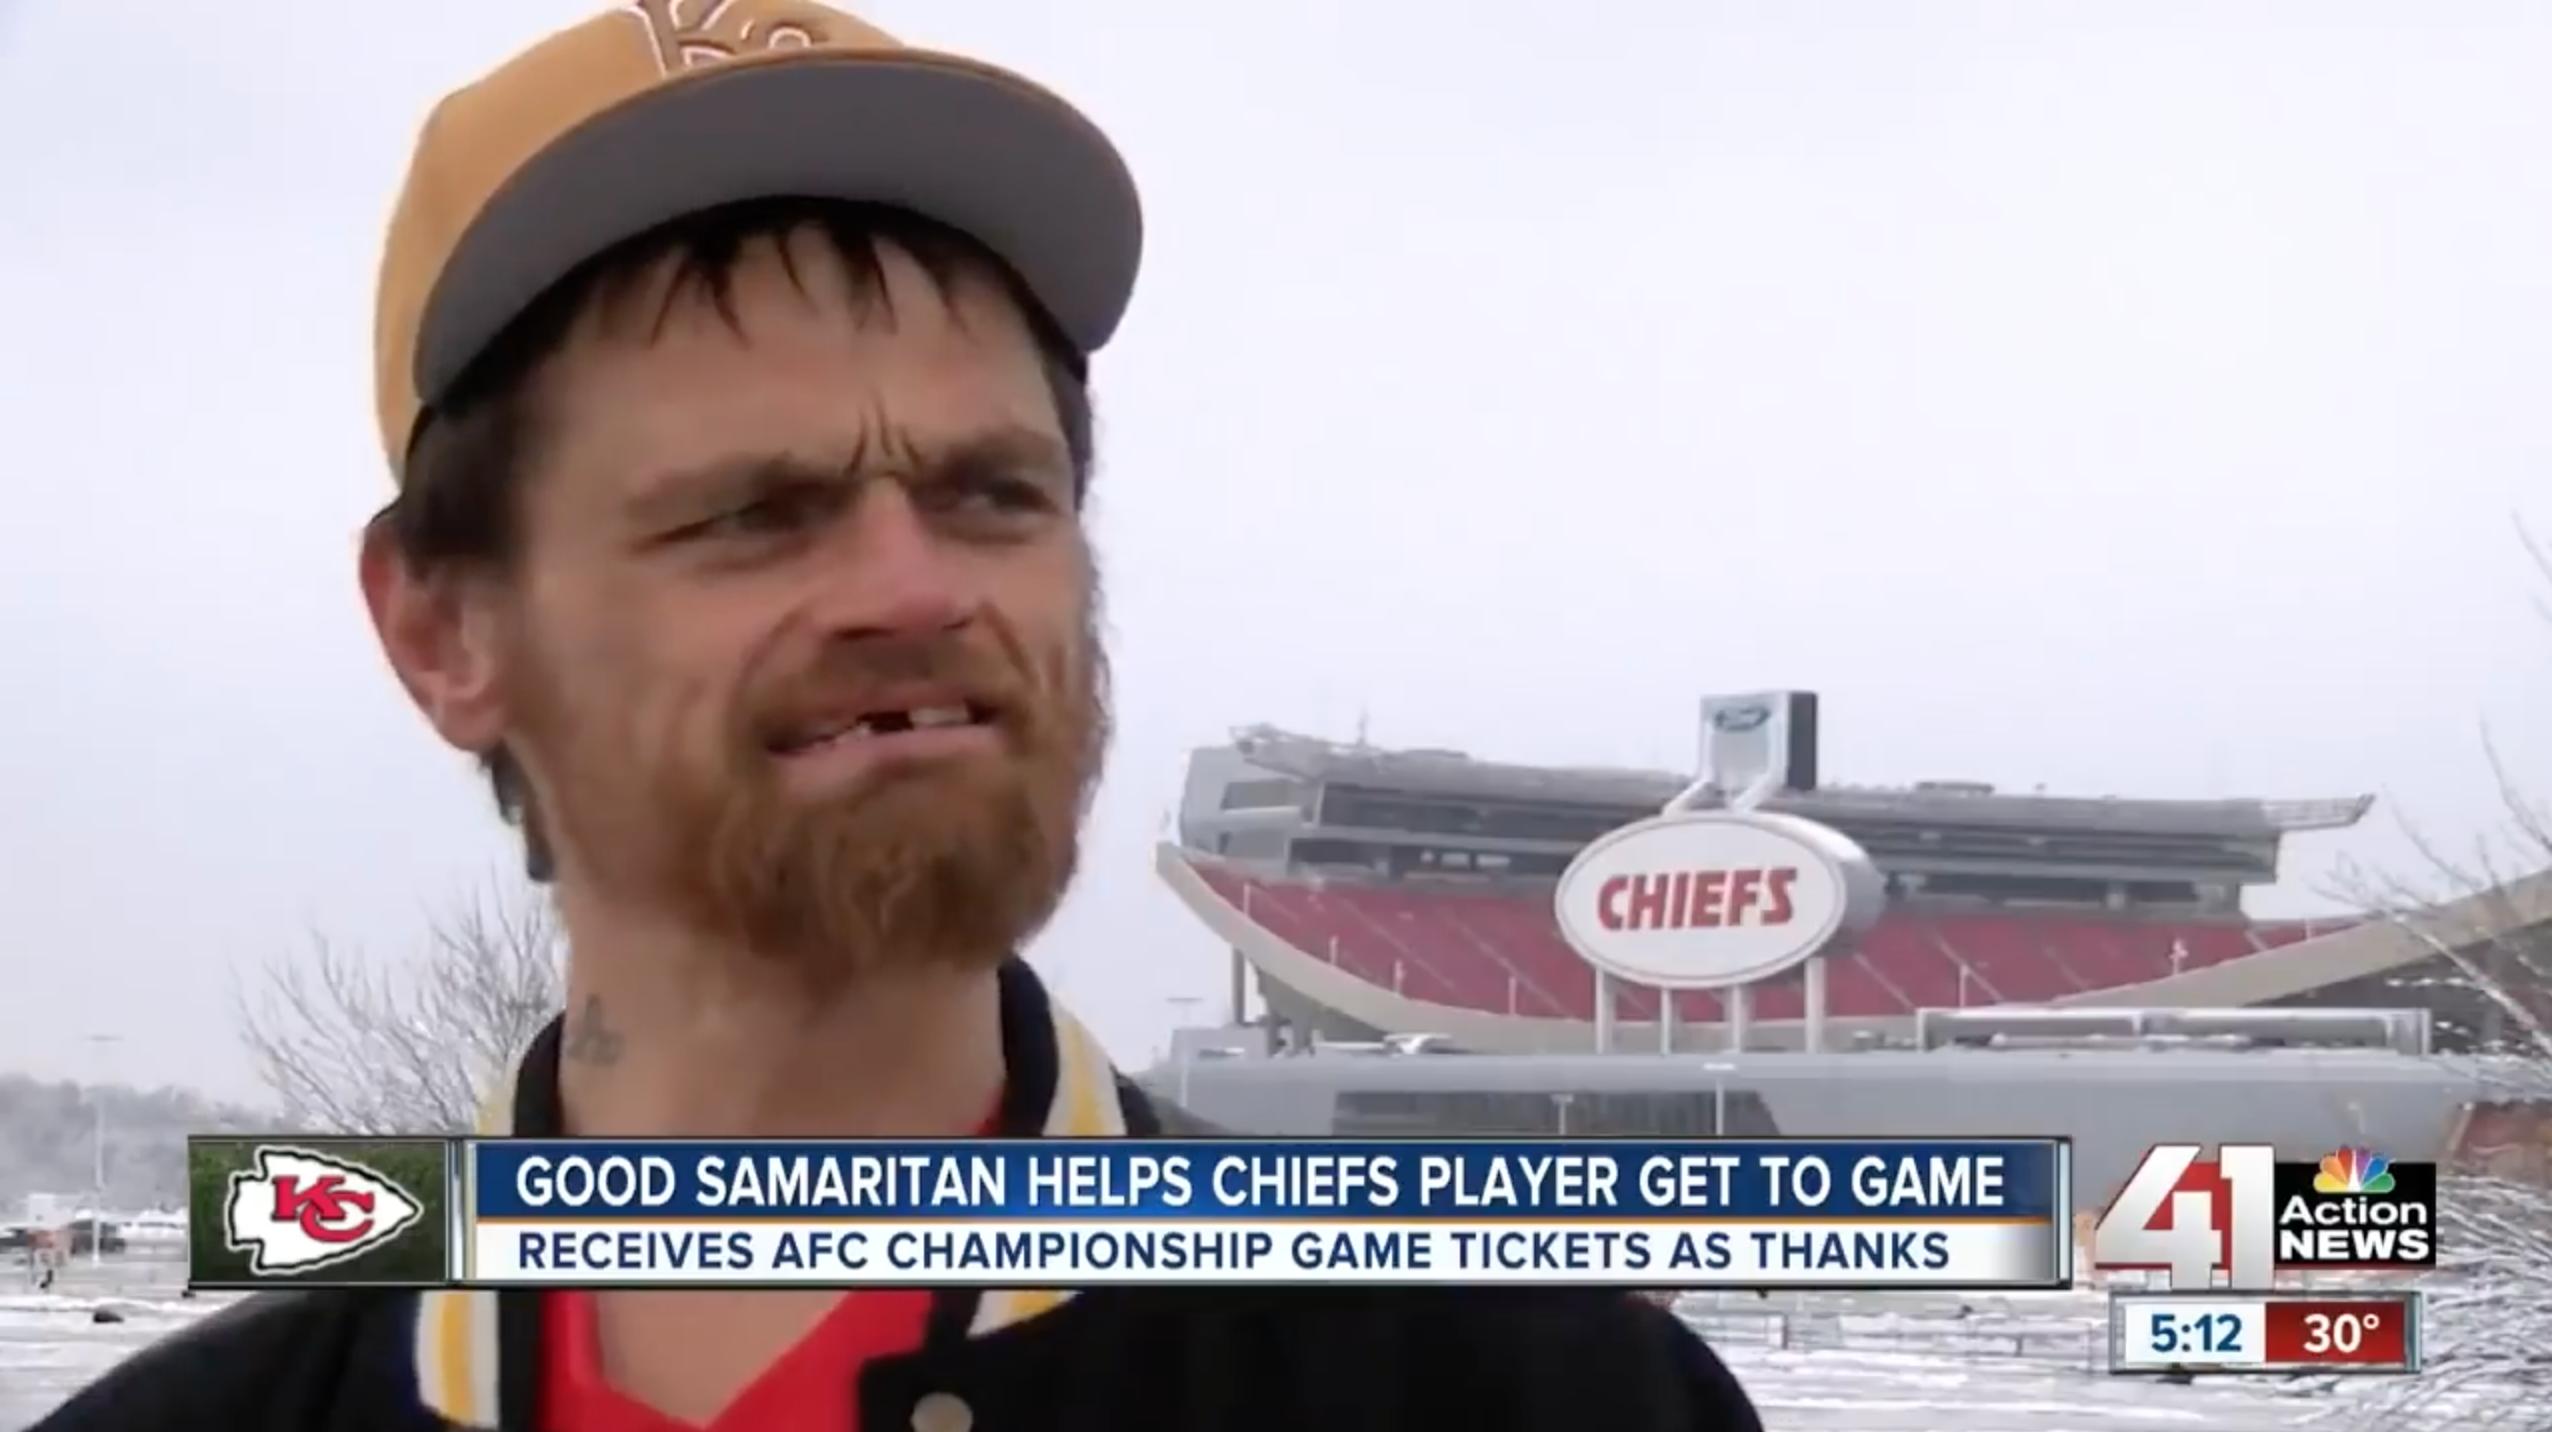 Chiefs fan who helped Jeff Allen is homeless (video interview)